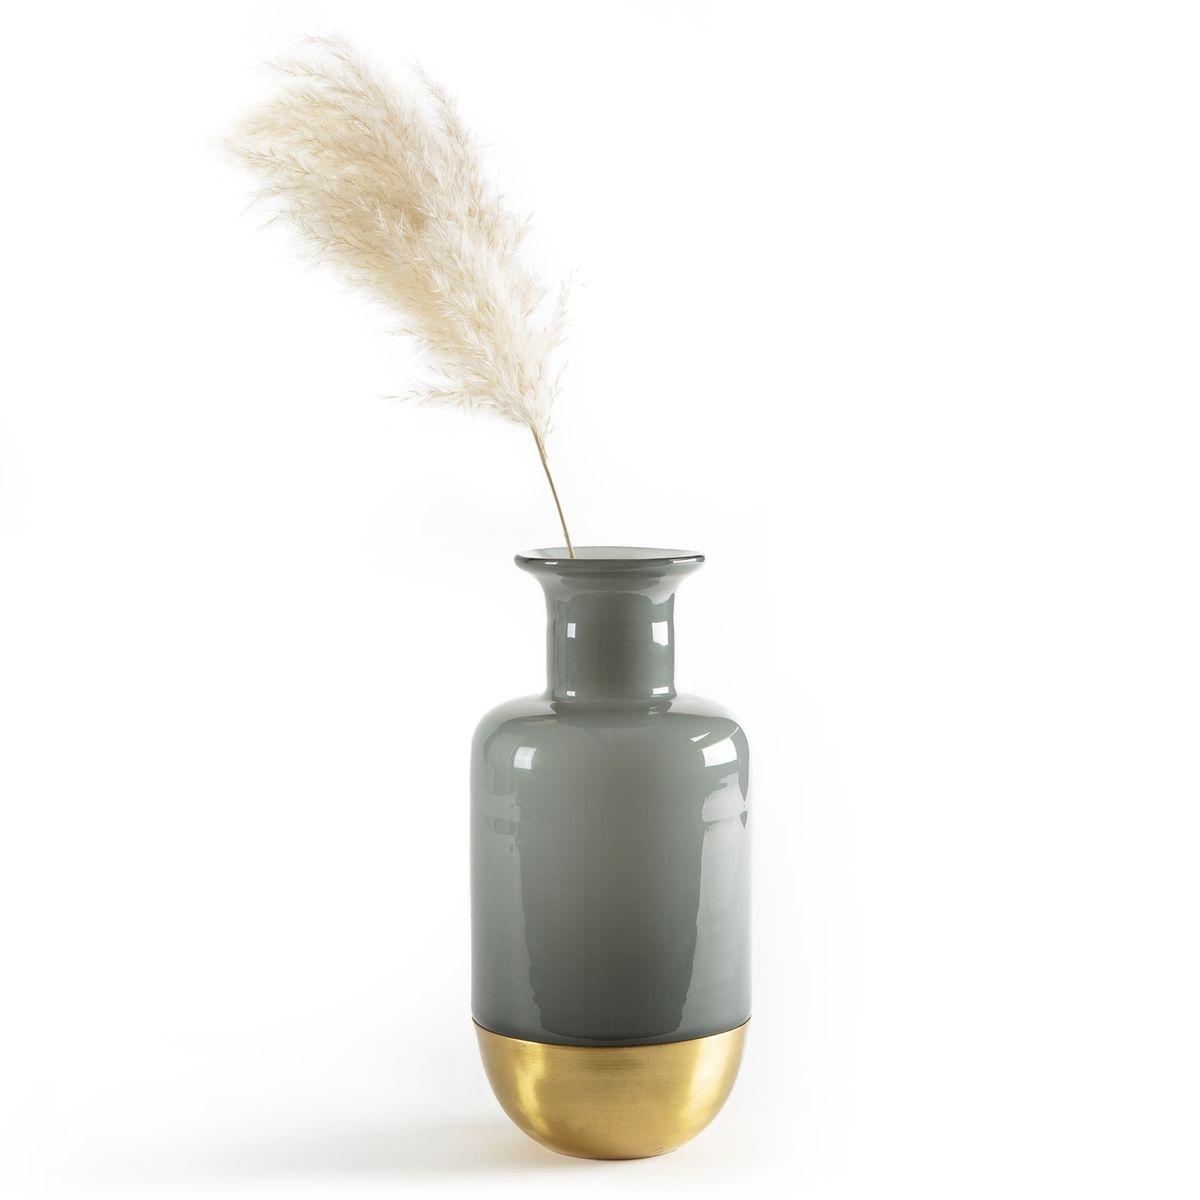 Vase H25 cm, Sasuke